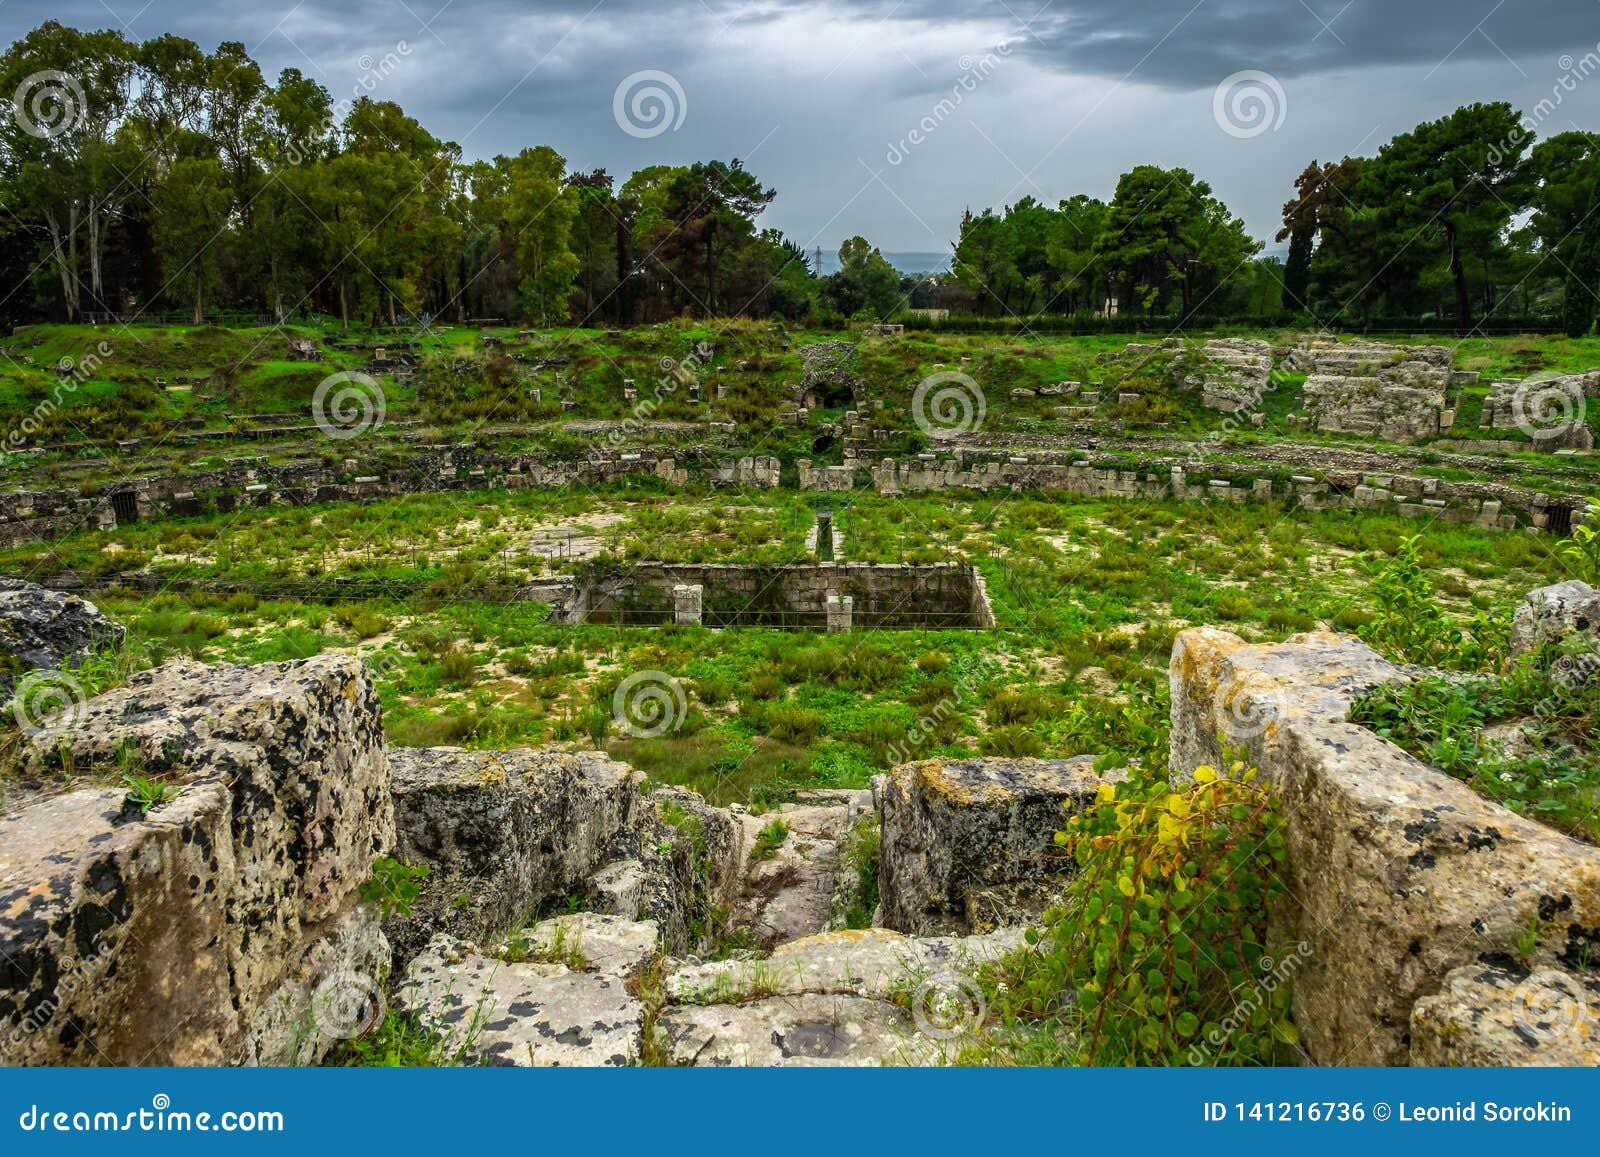 Arena romana antiga para lutas dos gladiadores em Siracusa